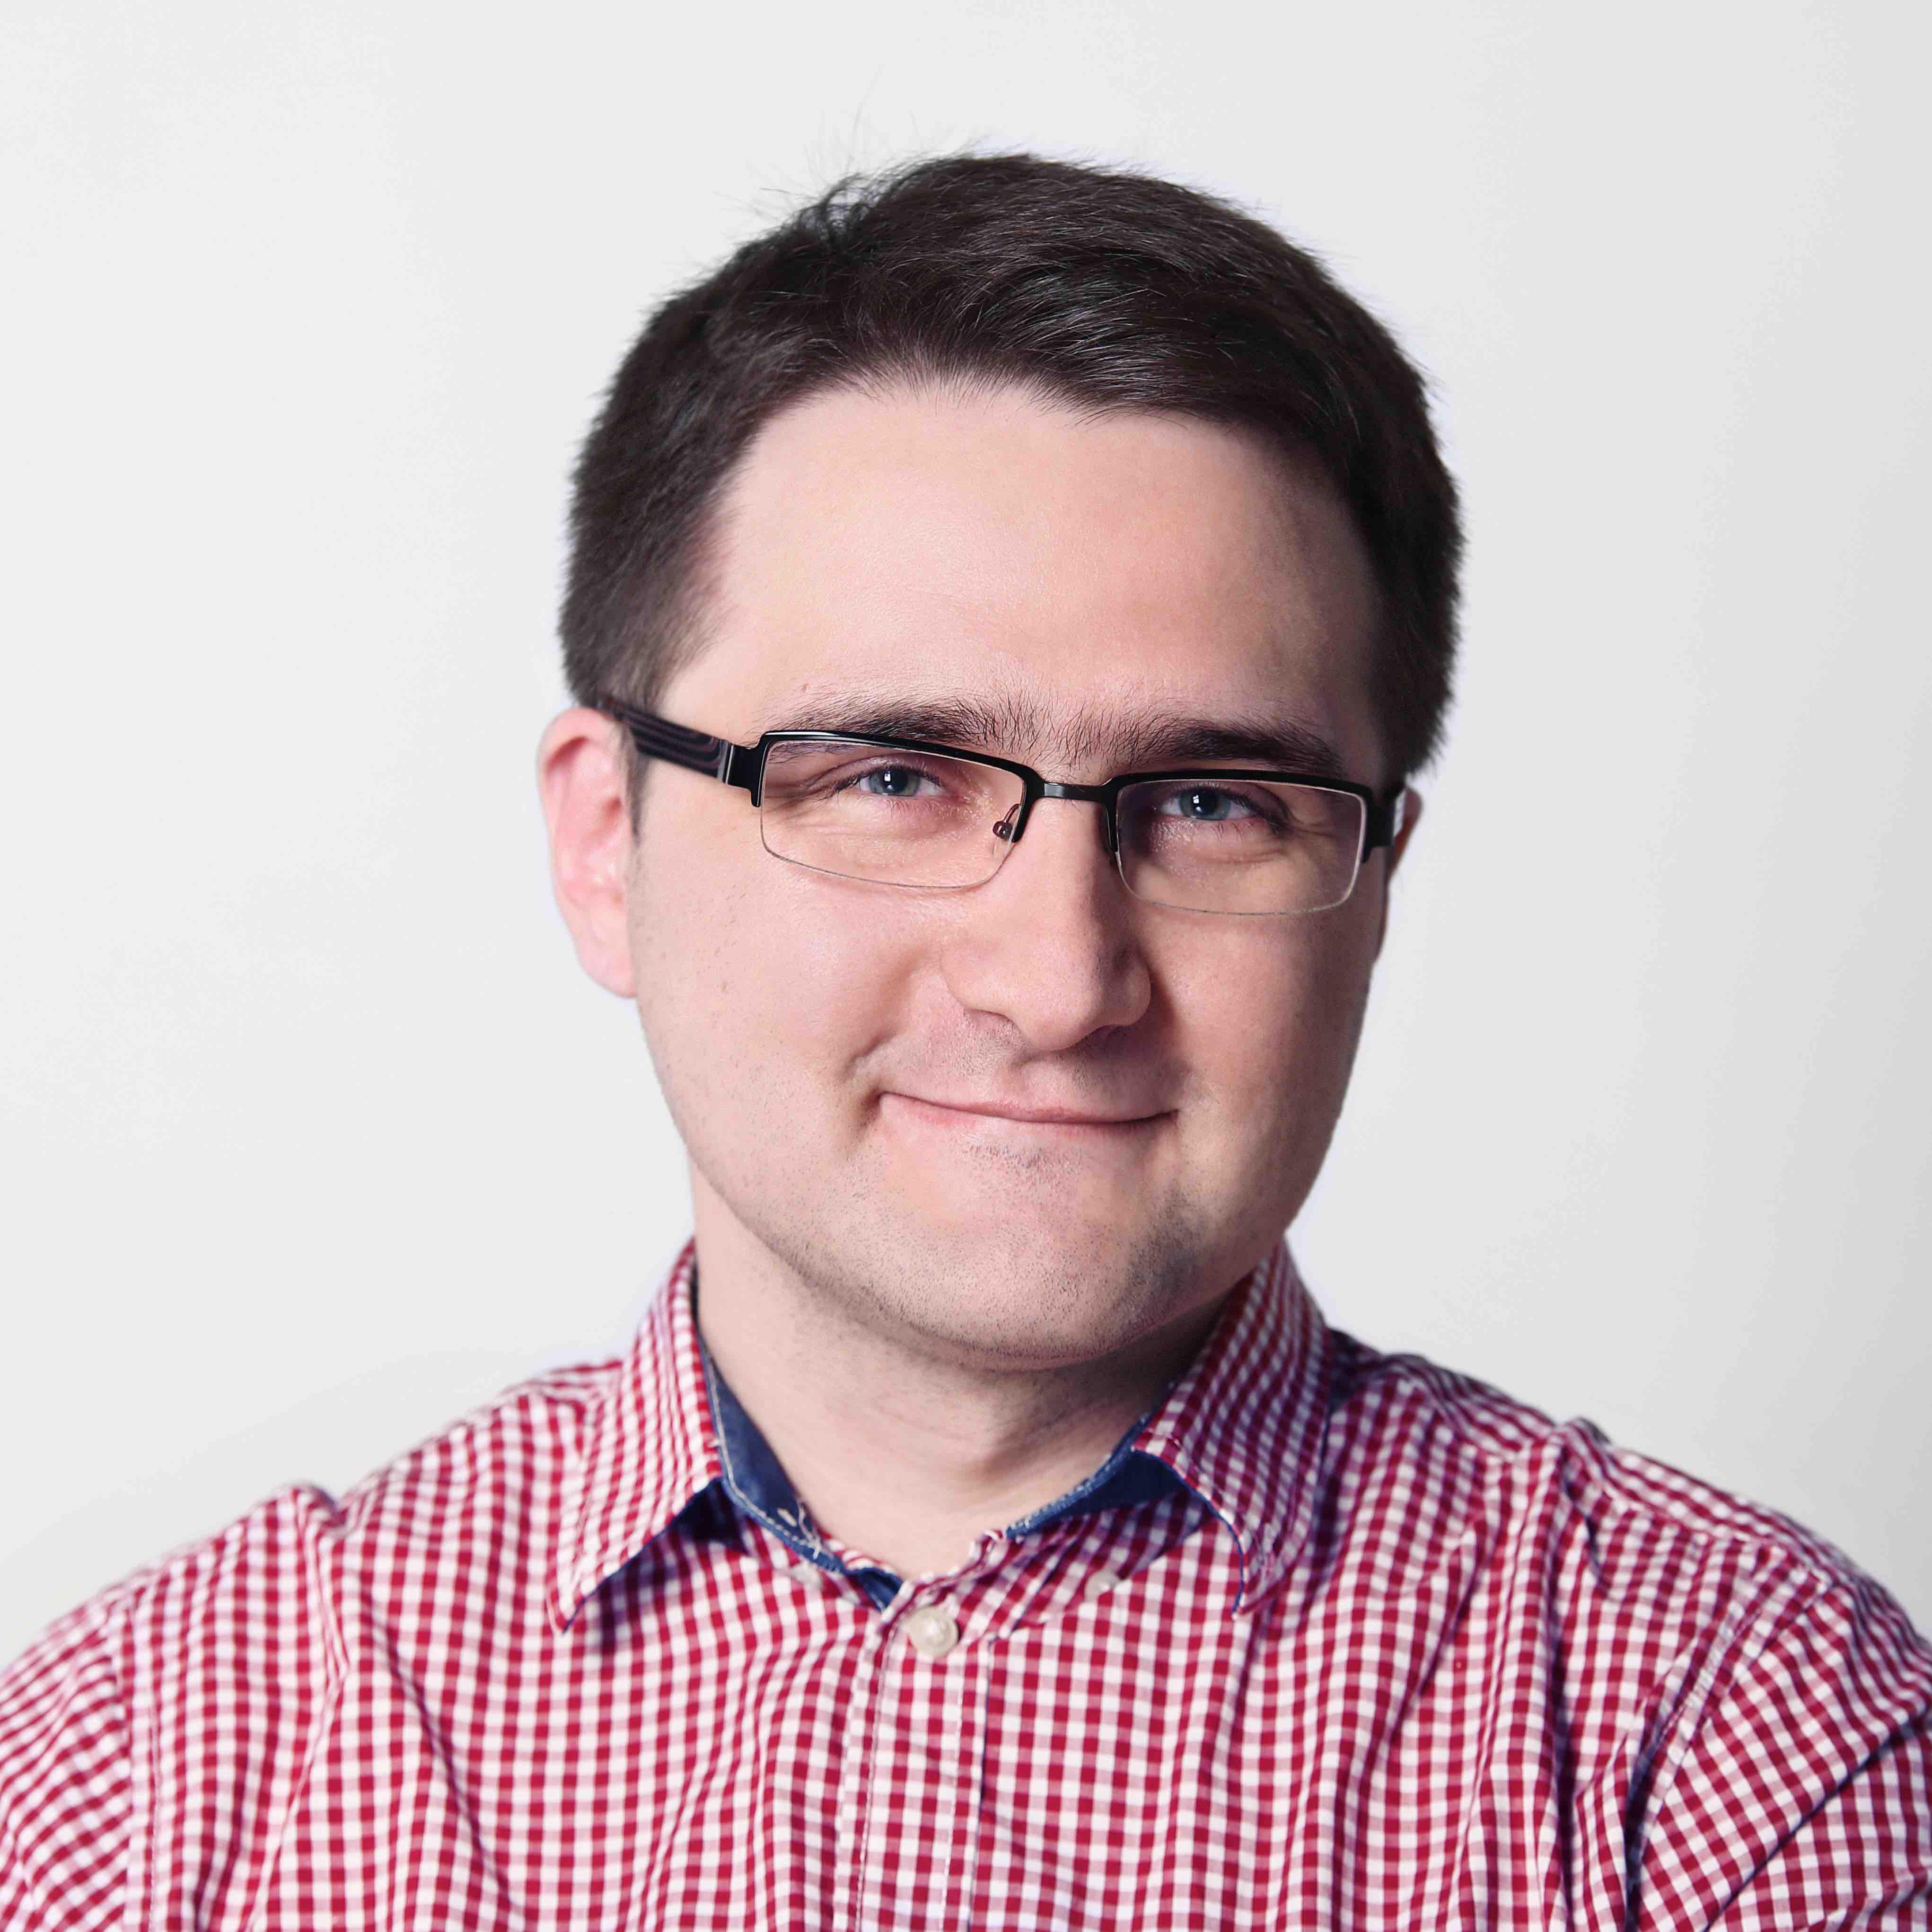 Robert Balcerowicz